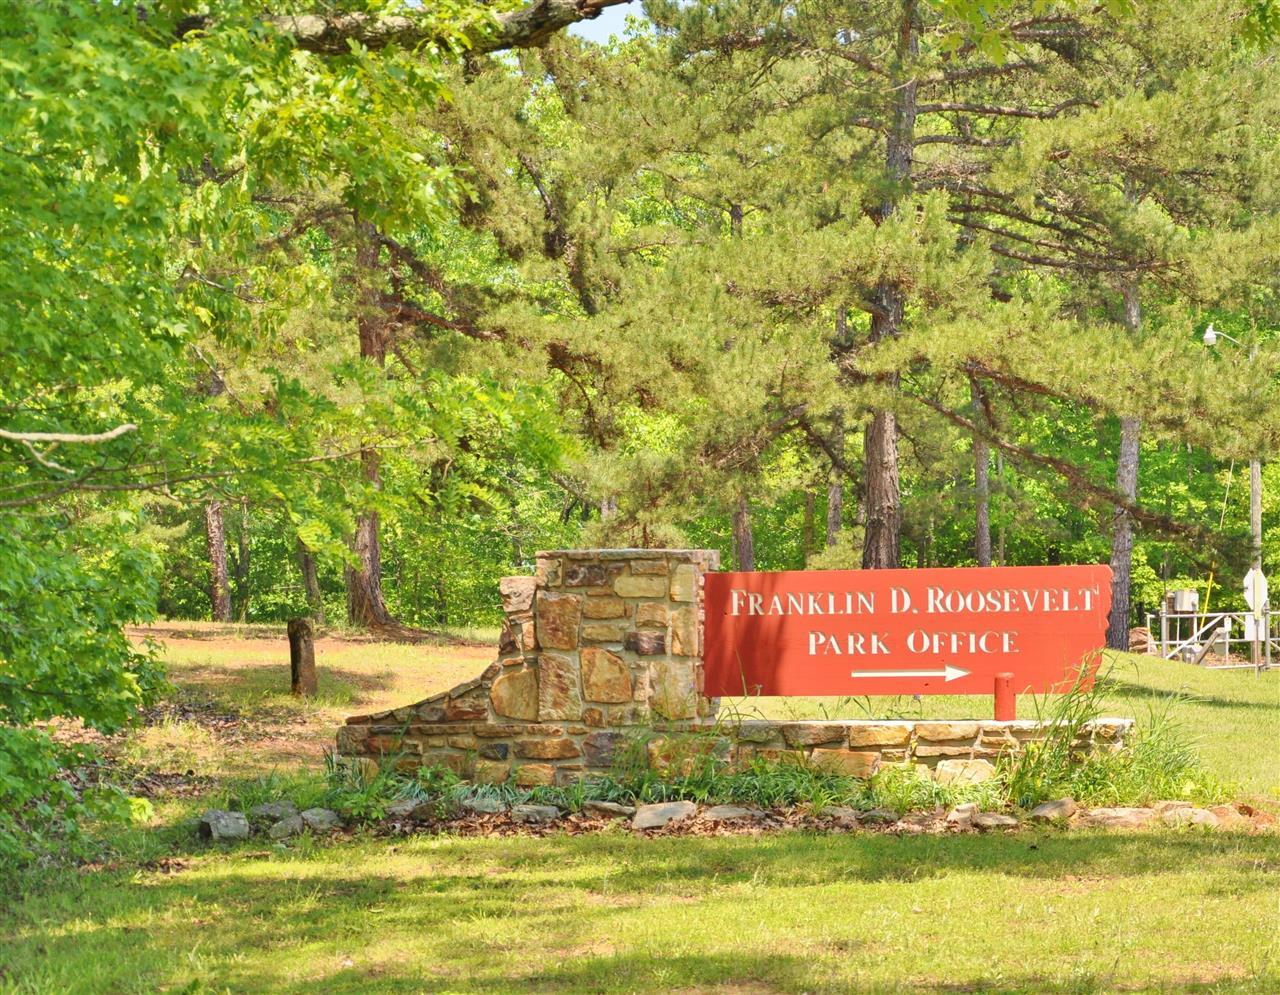 FDR Park Entrance.